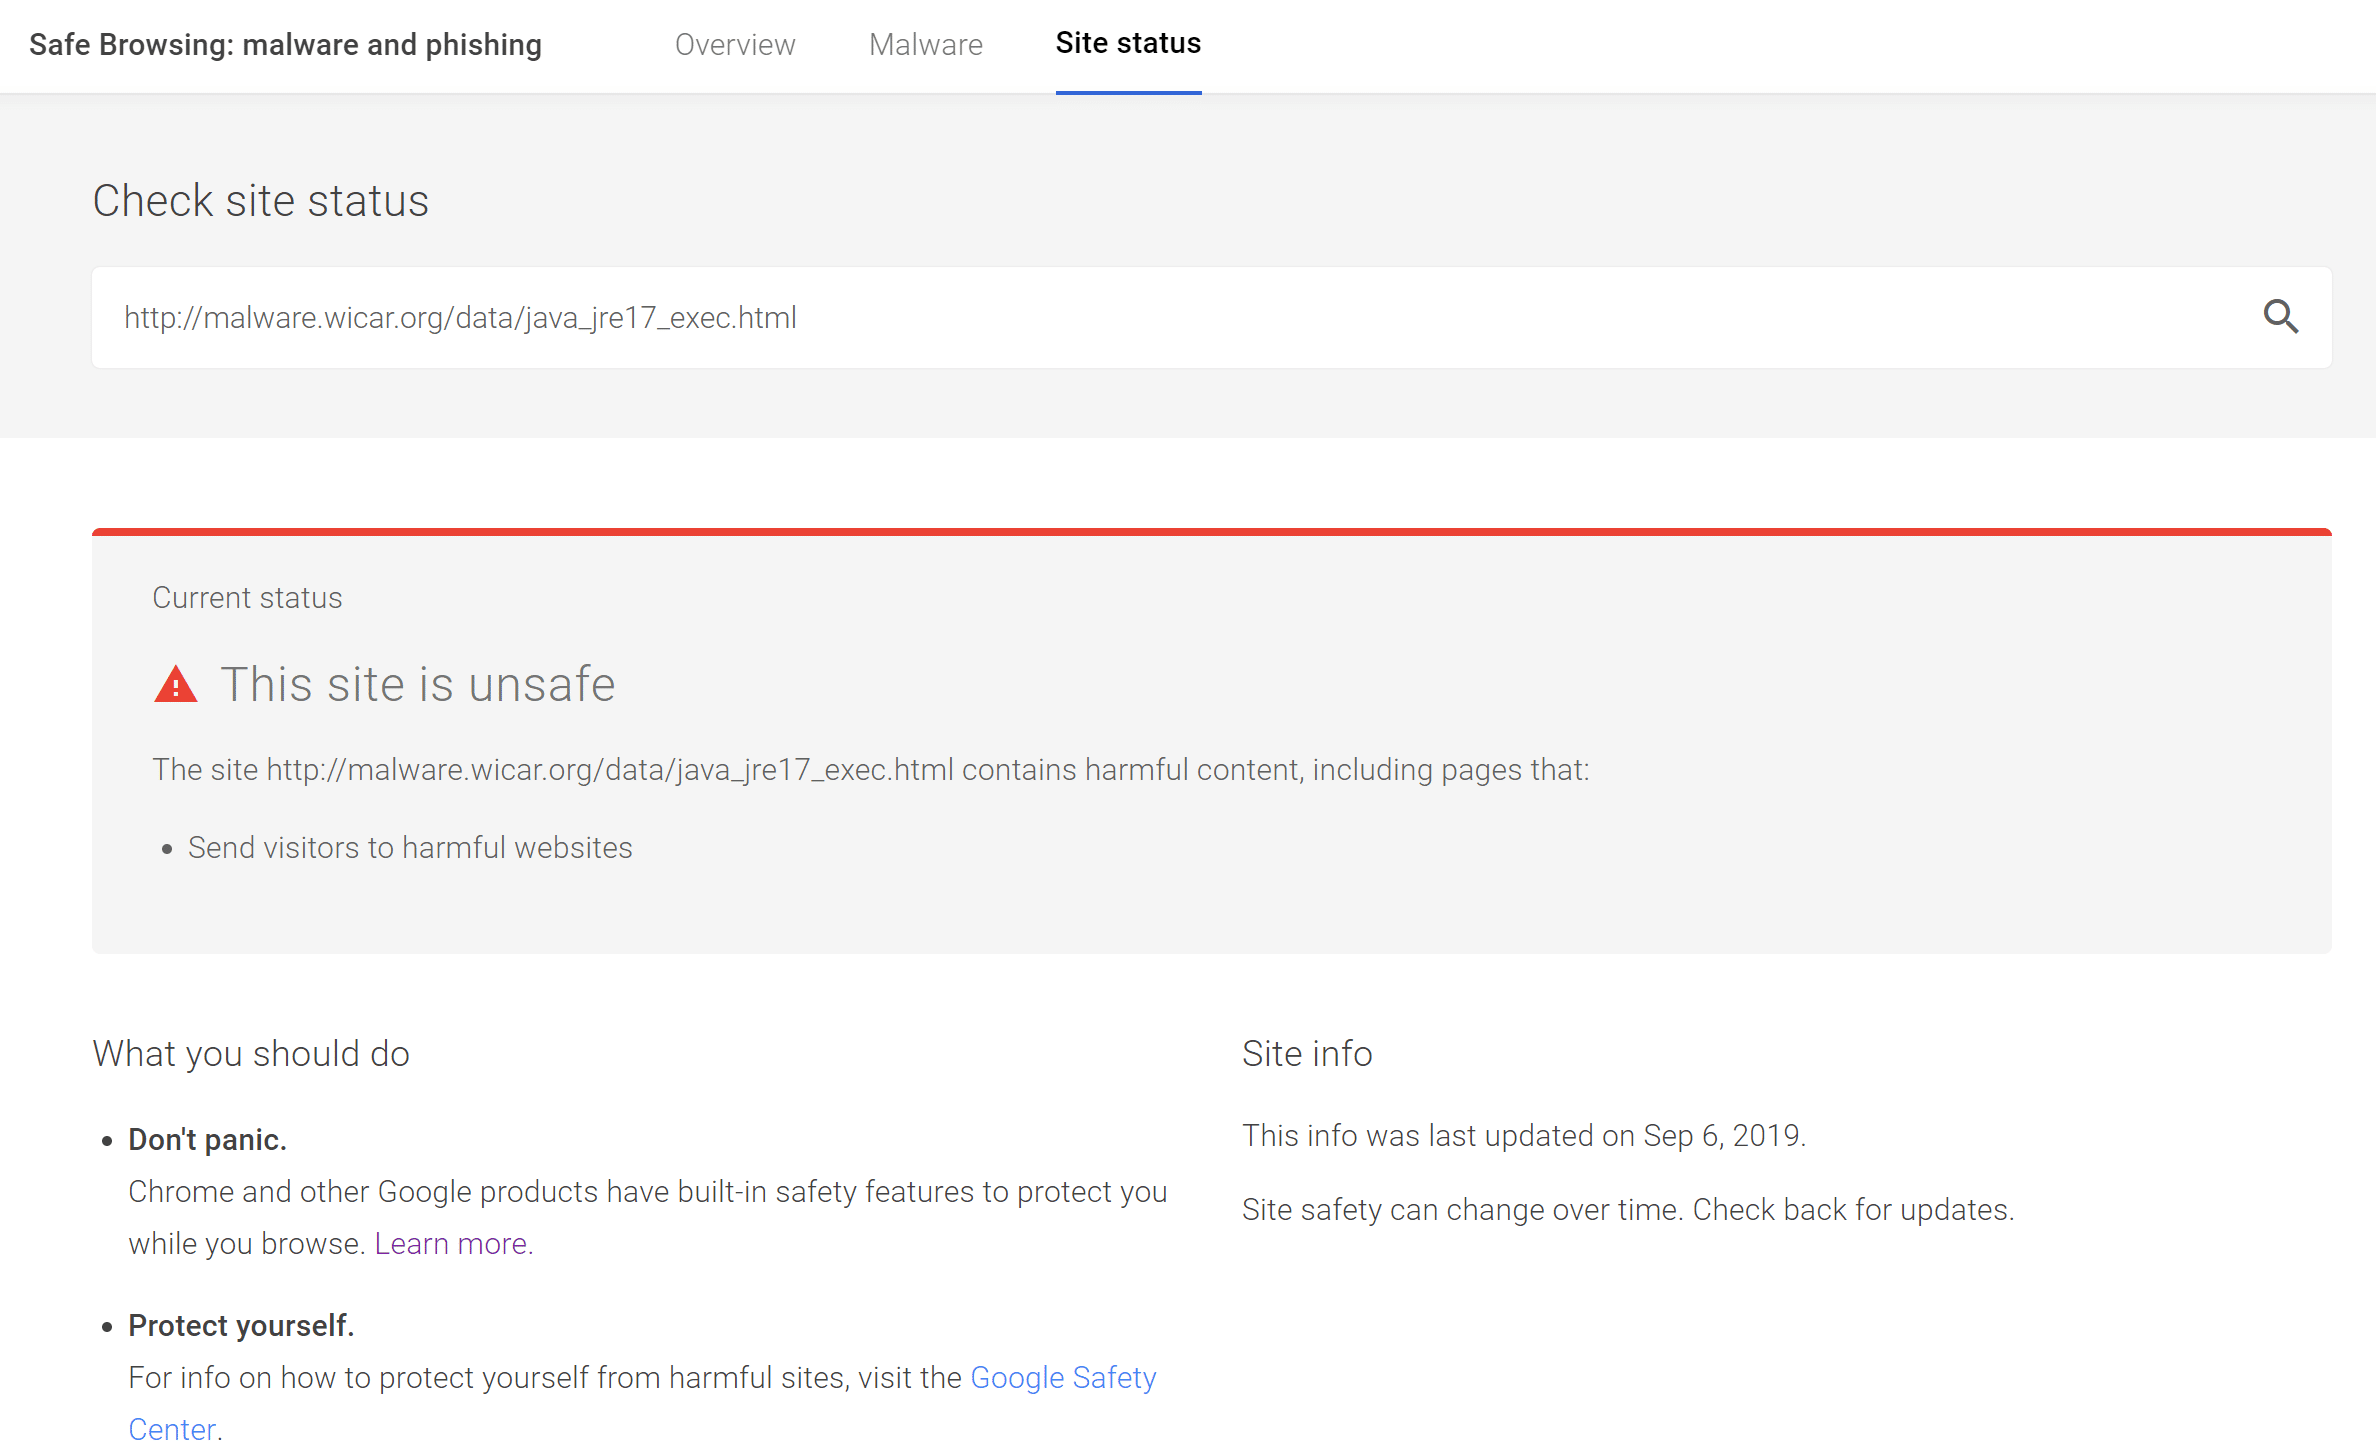 Resultados de la herramienta de navegación segura de Google